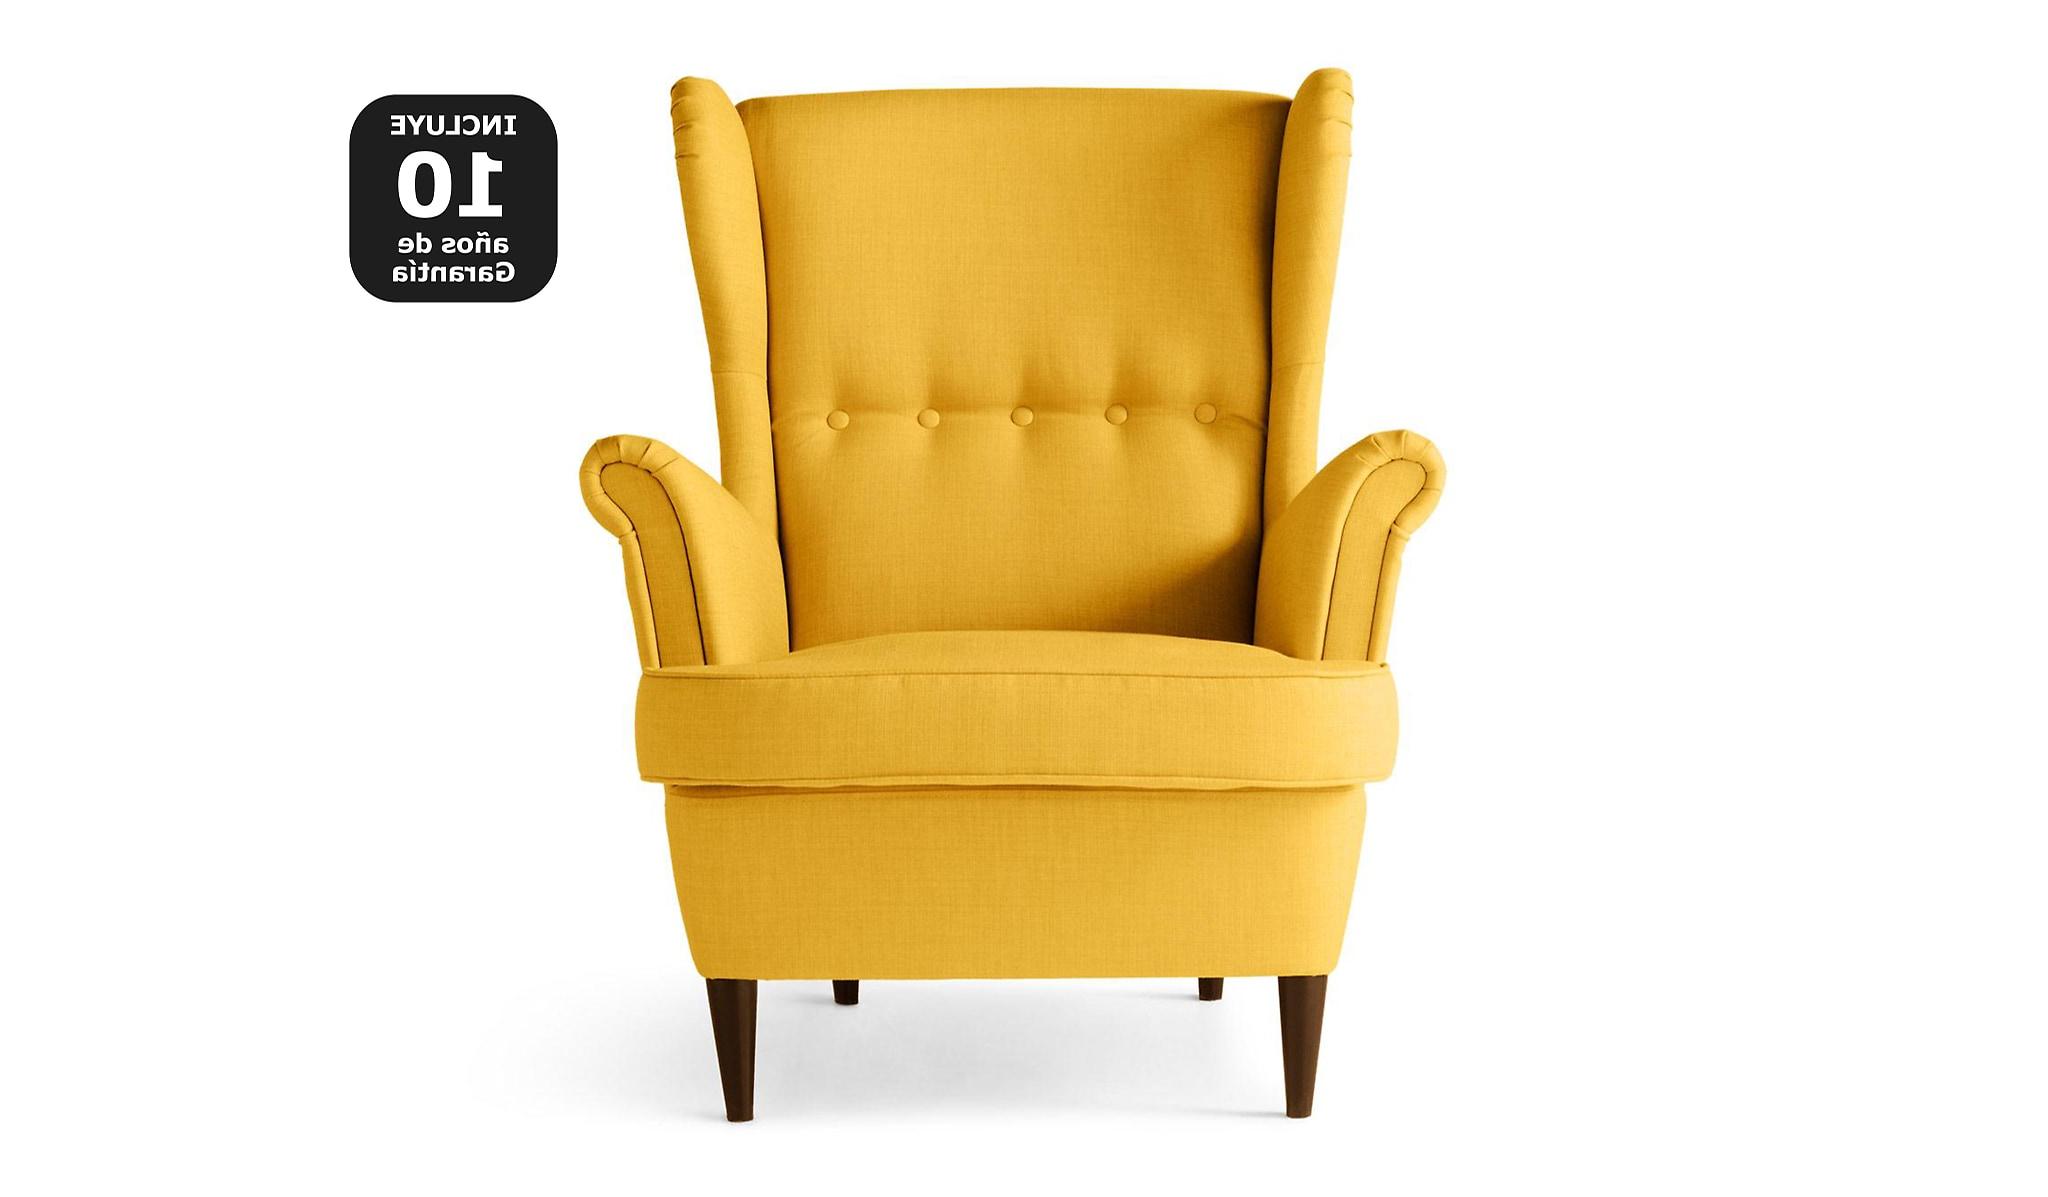 Sillon Relax Ikea Wddj Sillones CÃ Modos Y De Calidad Pra Online Ikea